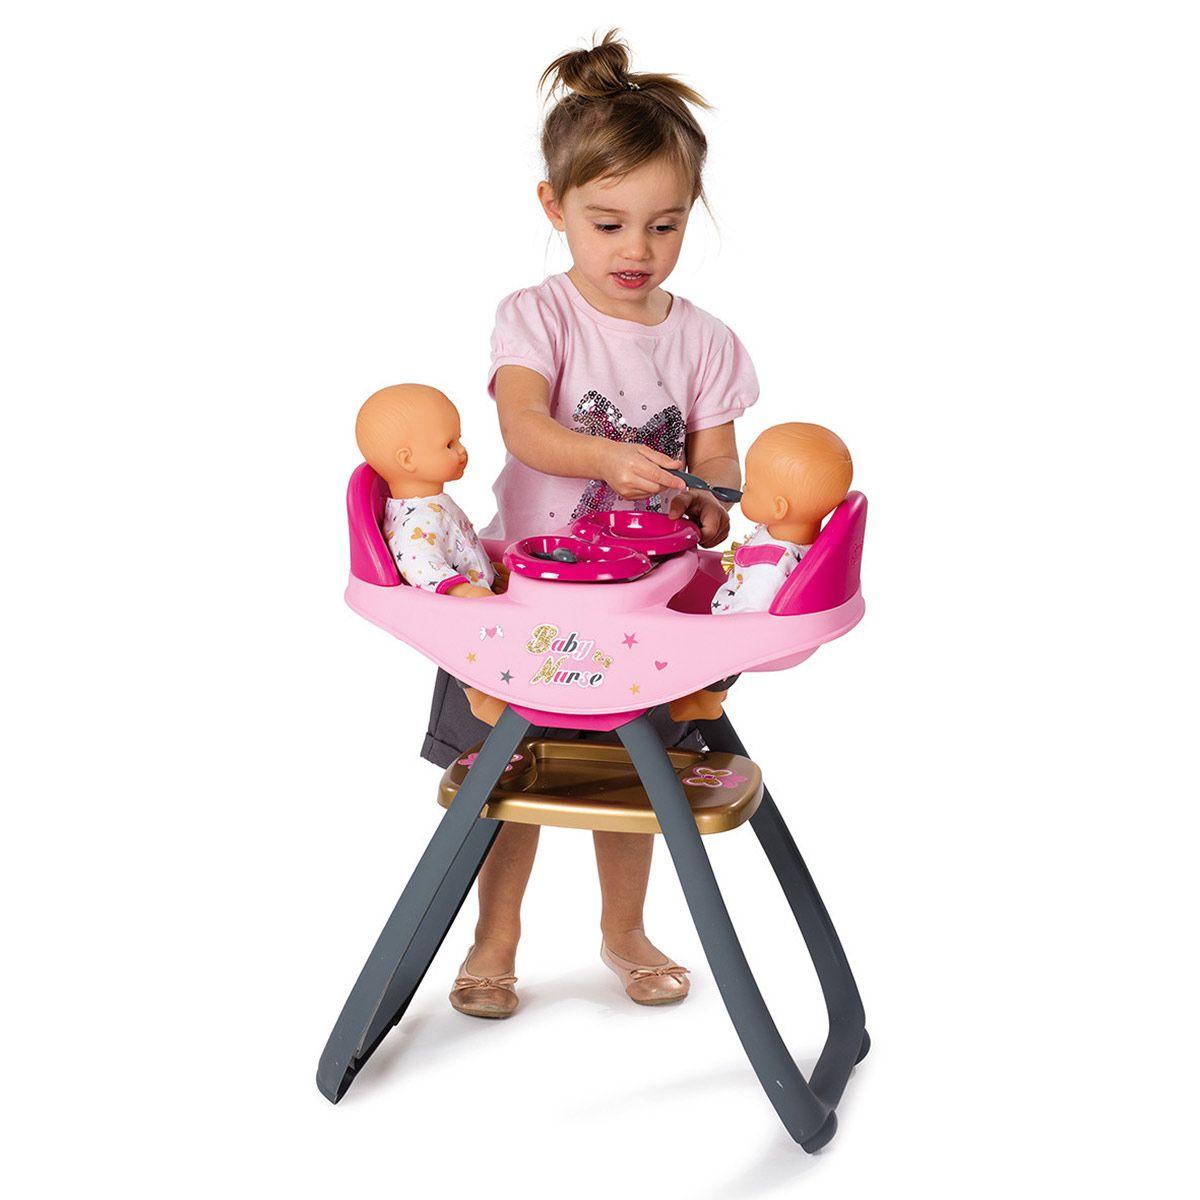 Poupons Grande Jumeaux Pour Nurse Chaise Baby Mobilier Haute La 6gb7fy